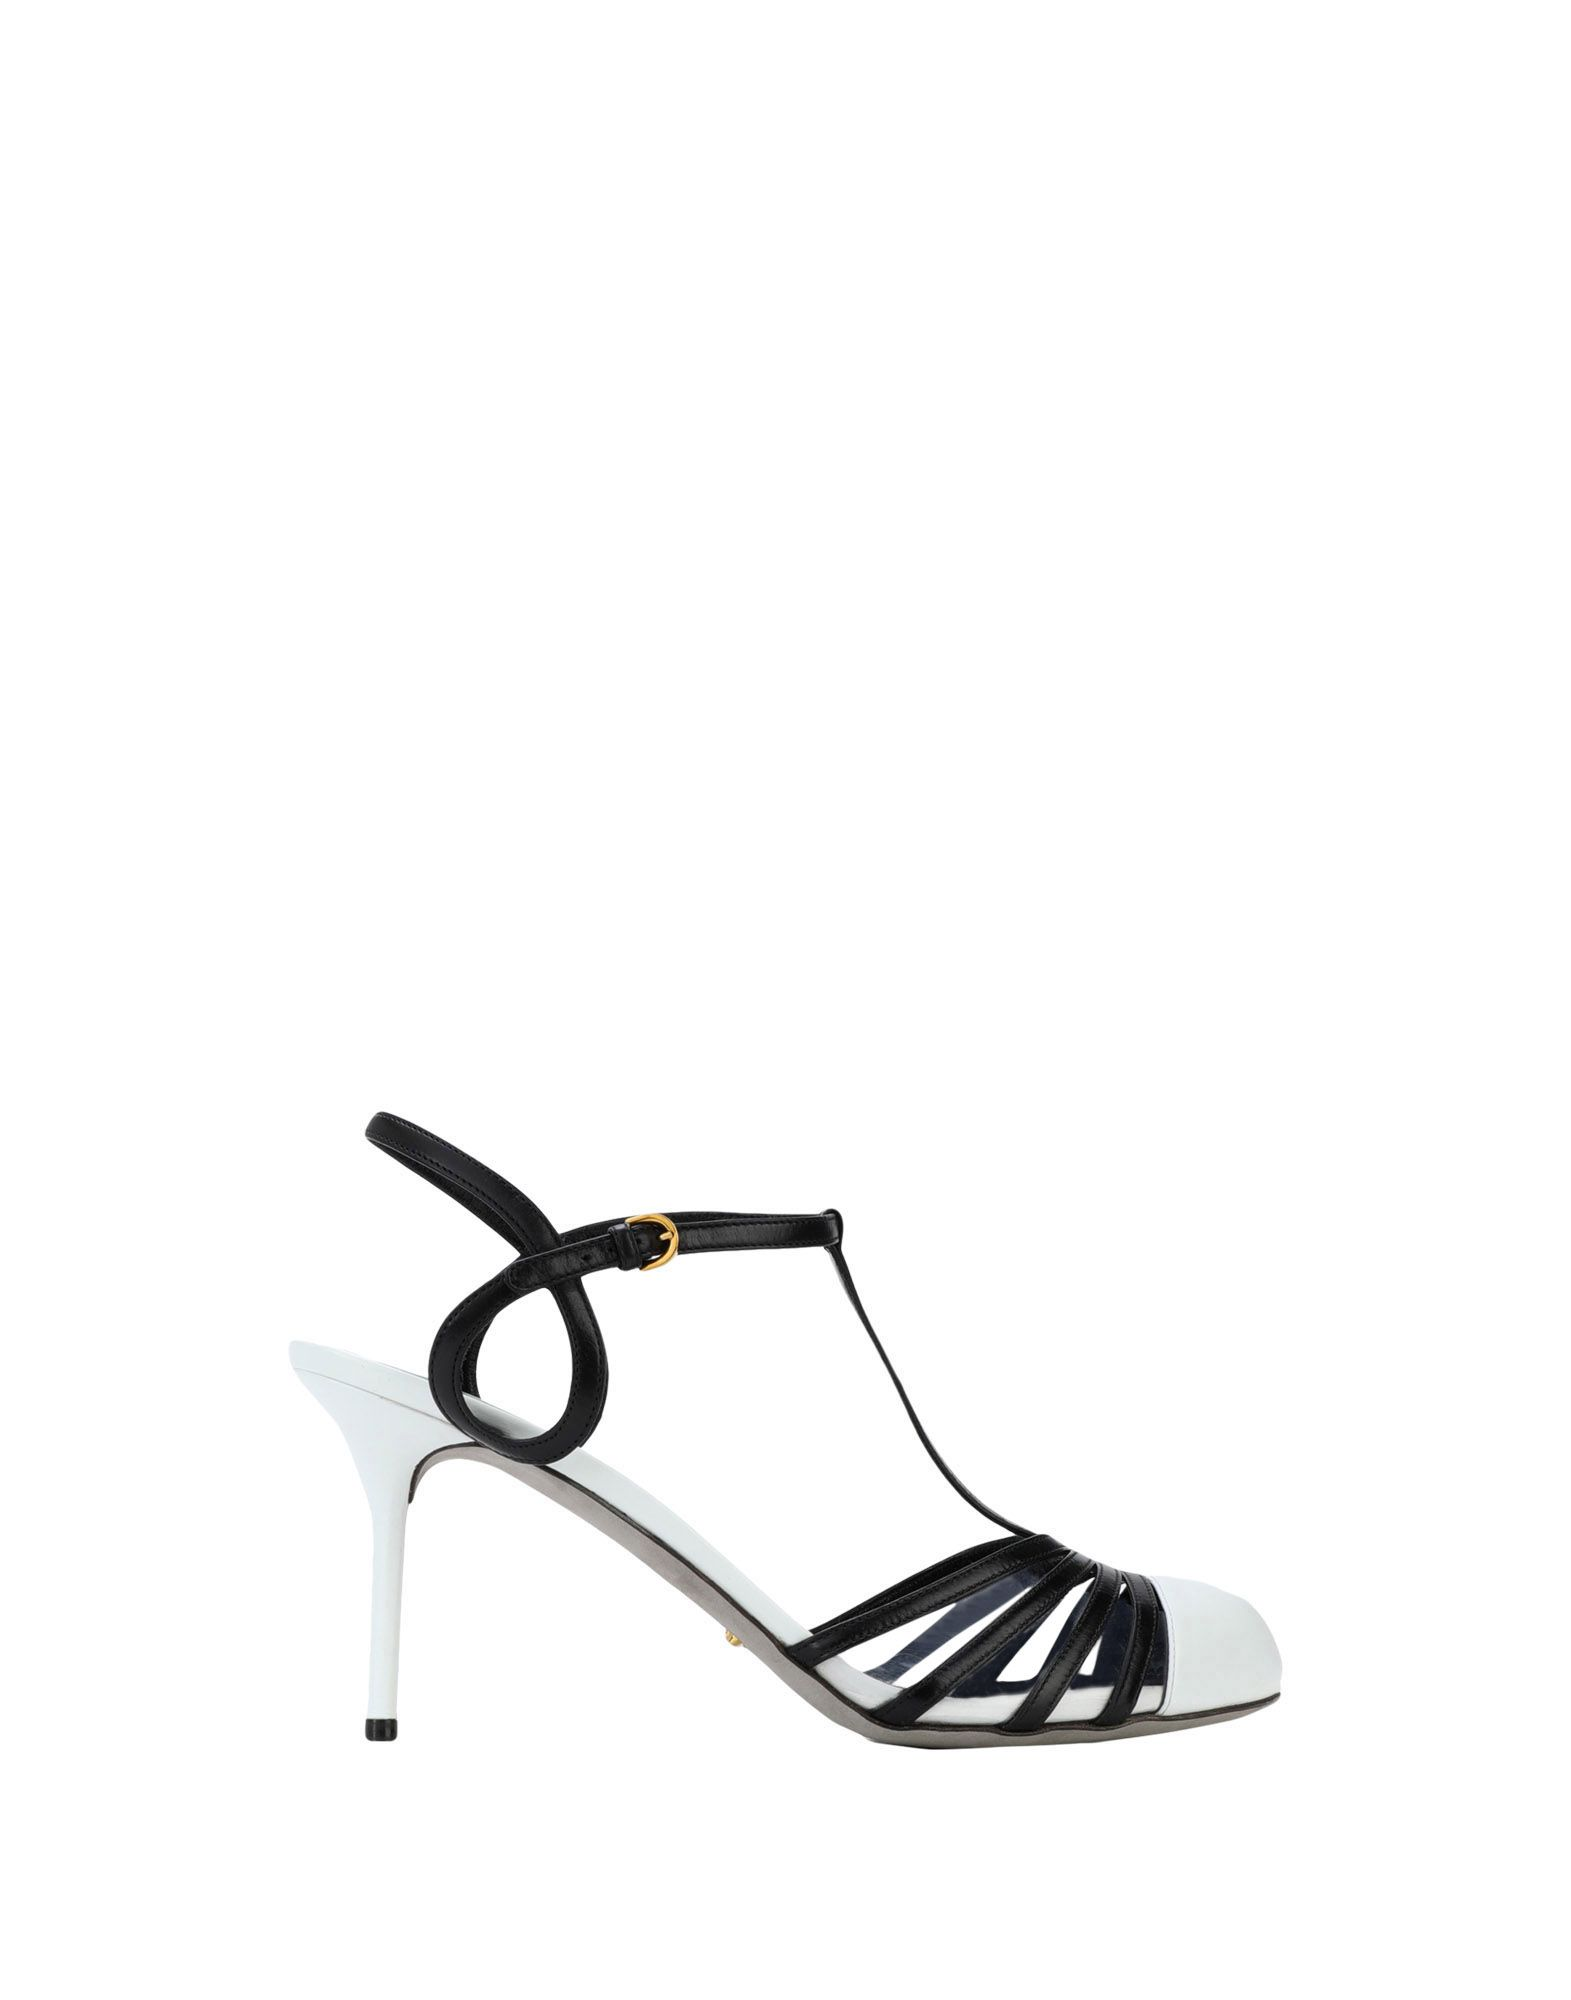 Sergio Rossi Sandalen Damen Schuhe  11531223BCGünstige gut aussehende Schuhe Damen c7c36f